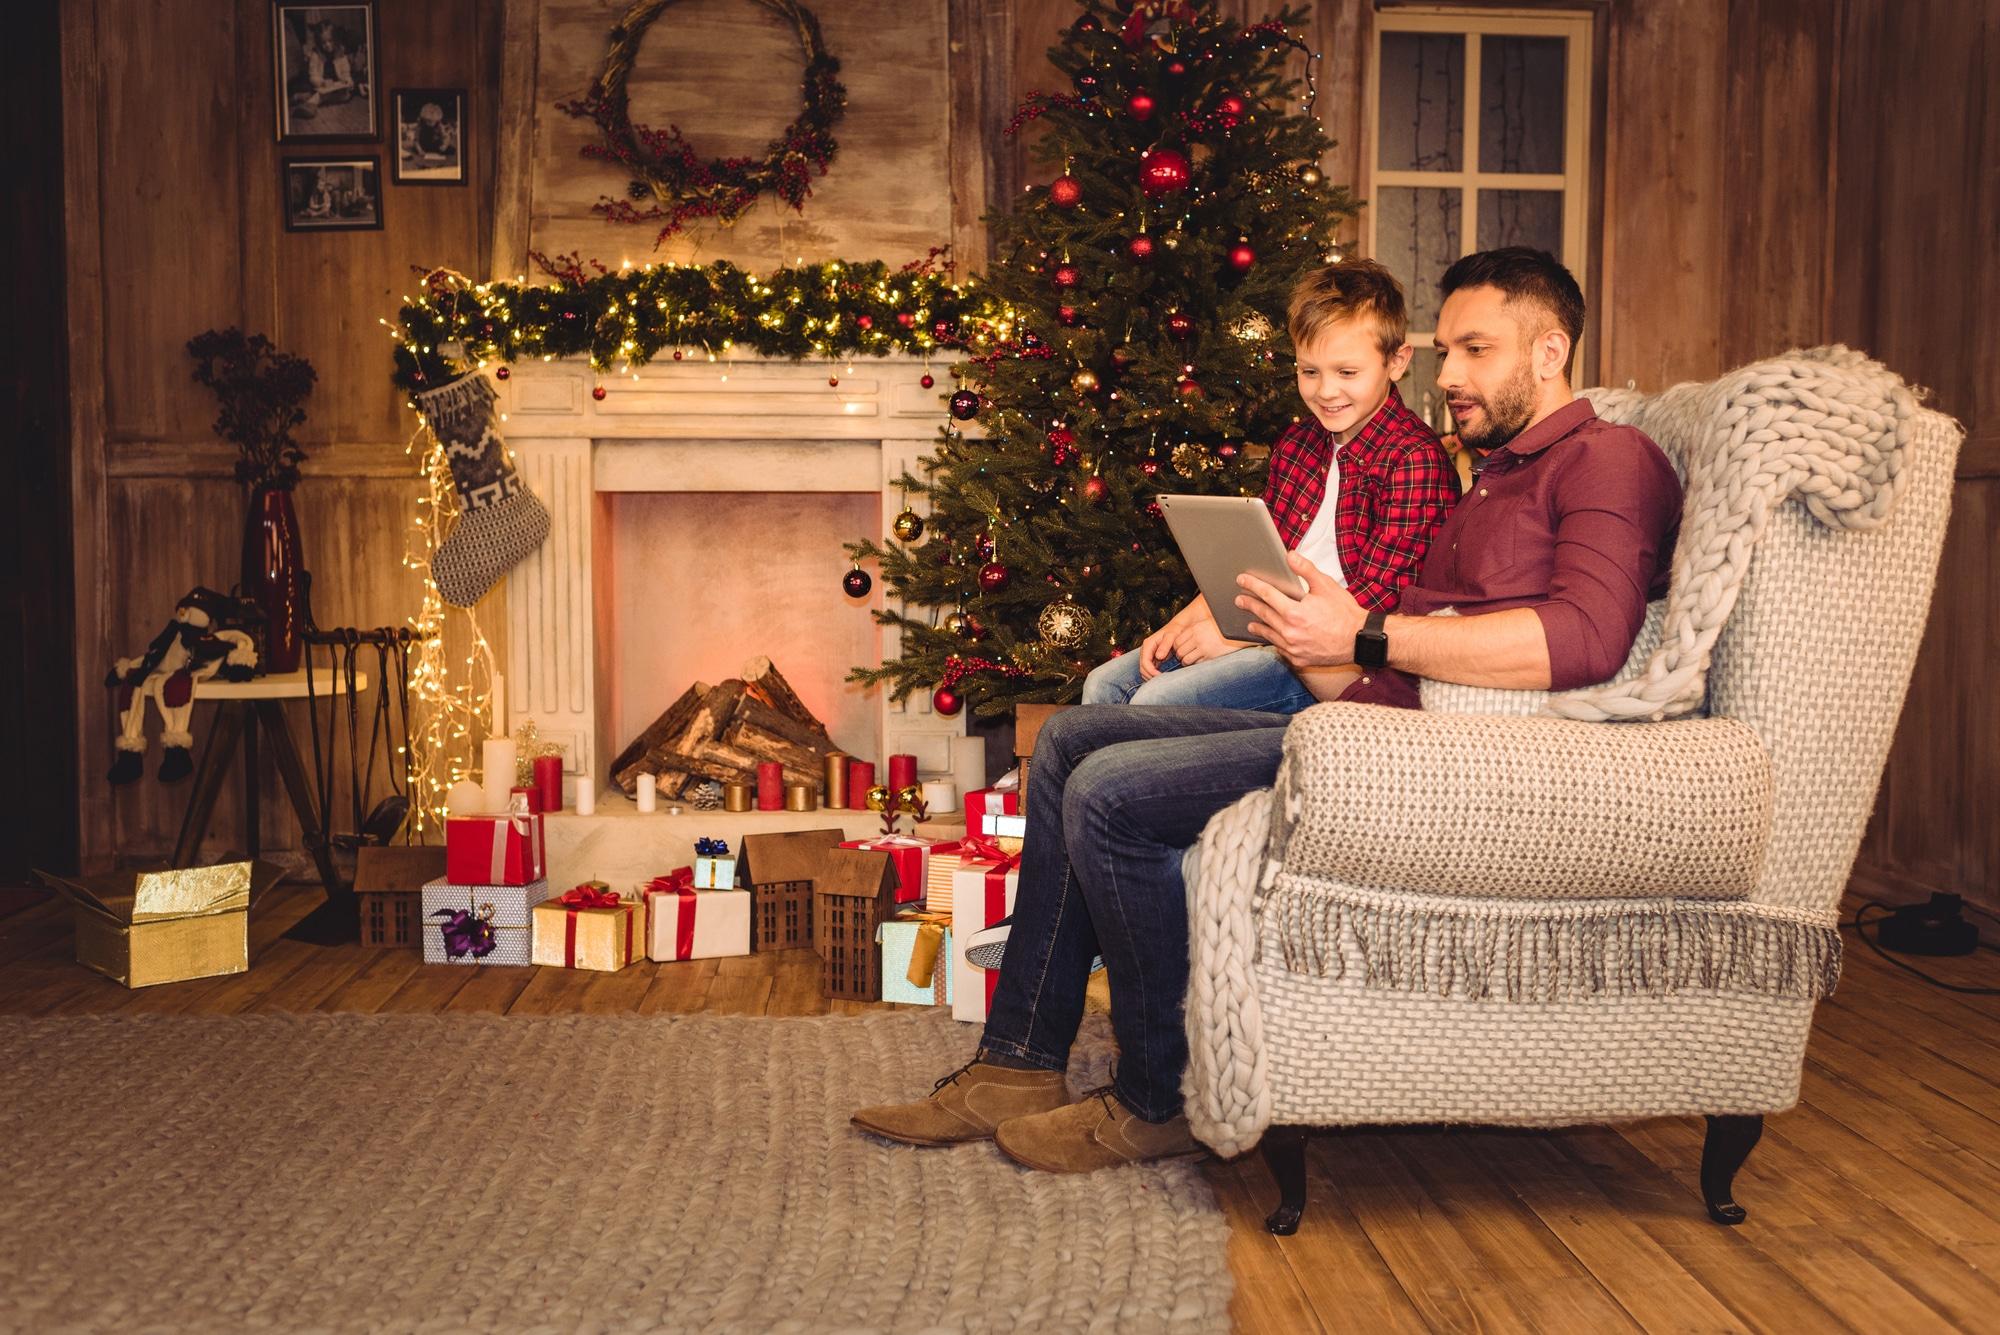 35 Besinnliche Weihnachtsgedichte Für Jeden Anlass ganzes Kurze Lustige Weihnachtsgedichte Kostenlos